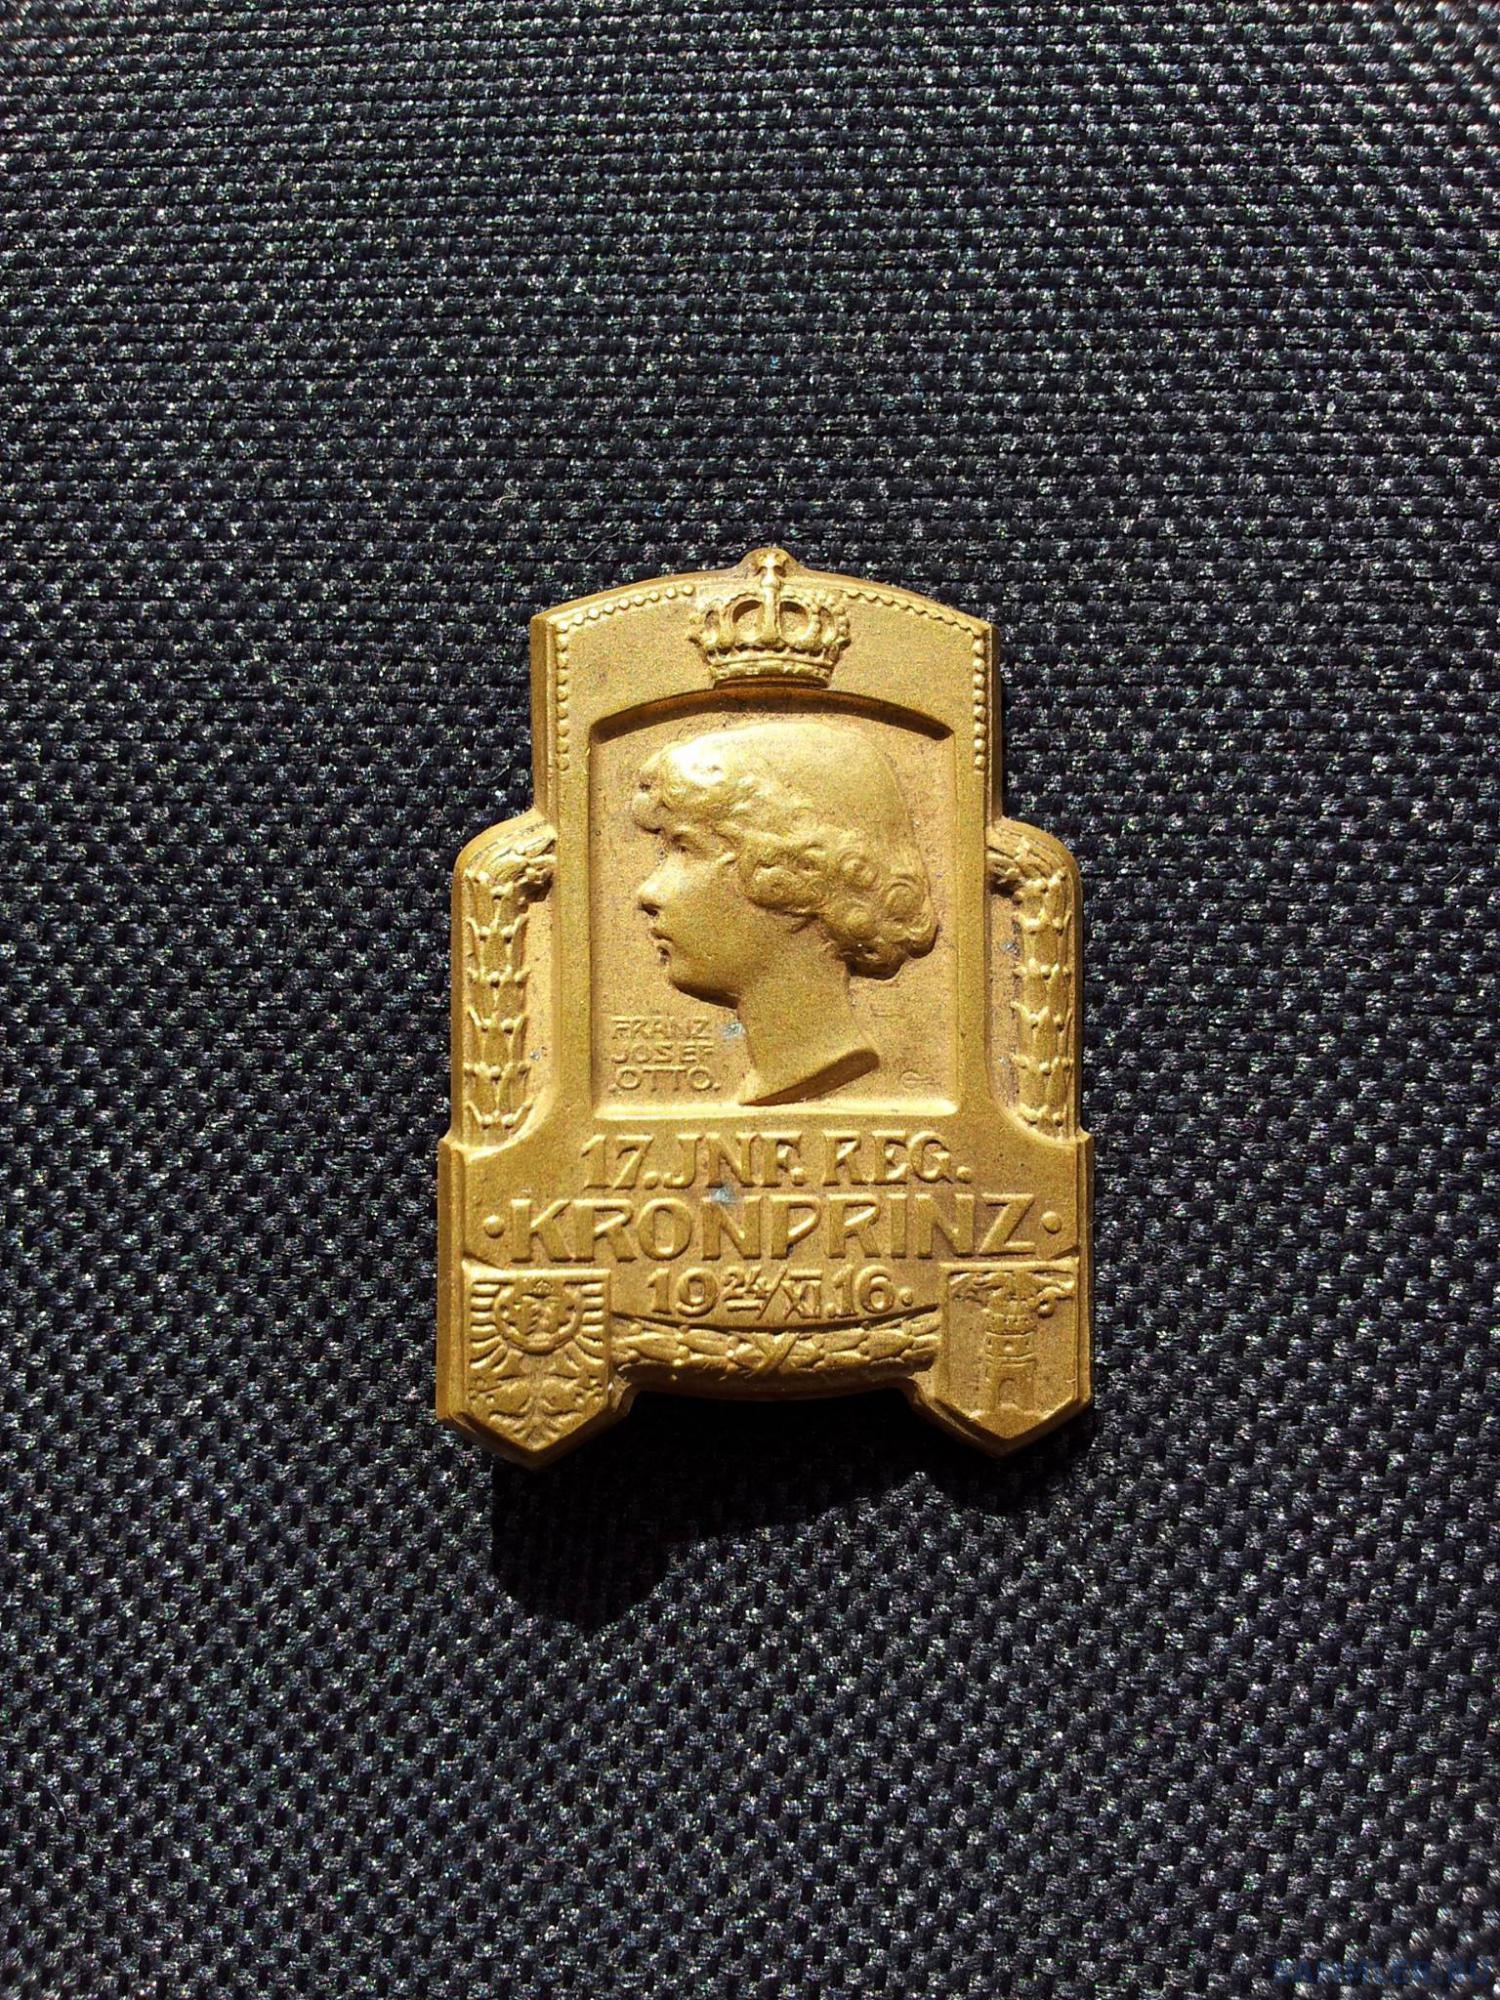 17 IR Kronprinz.jpg